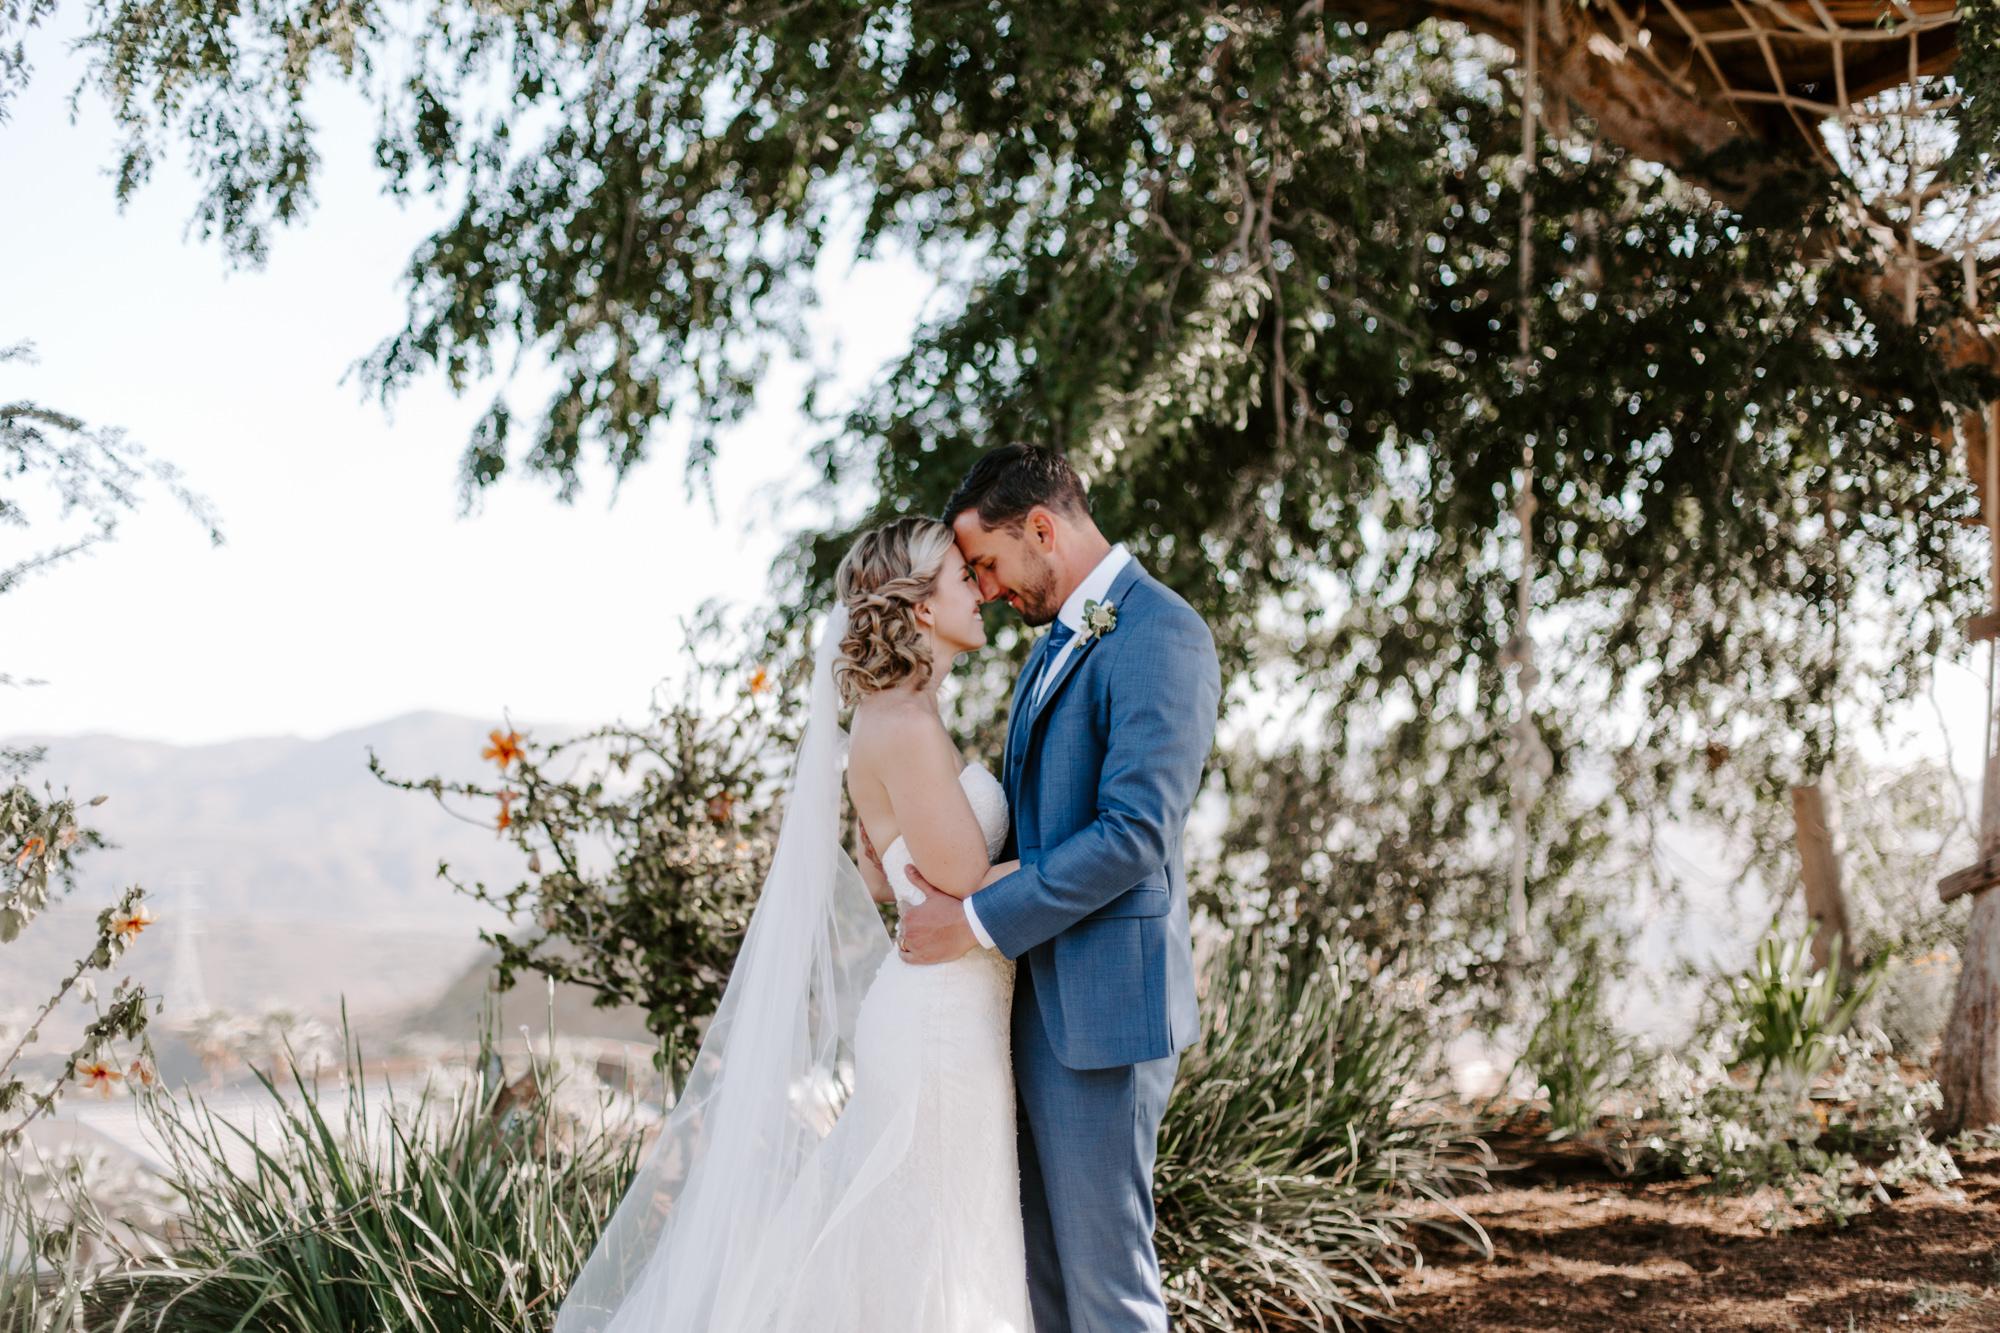 San Diego Wedding photography in Silverado Backyard Wedding061.jpg